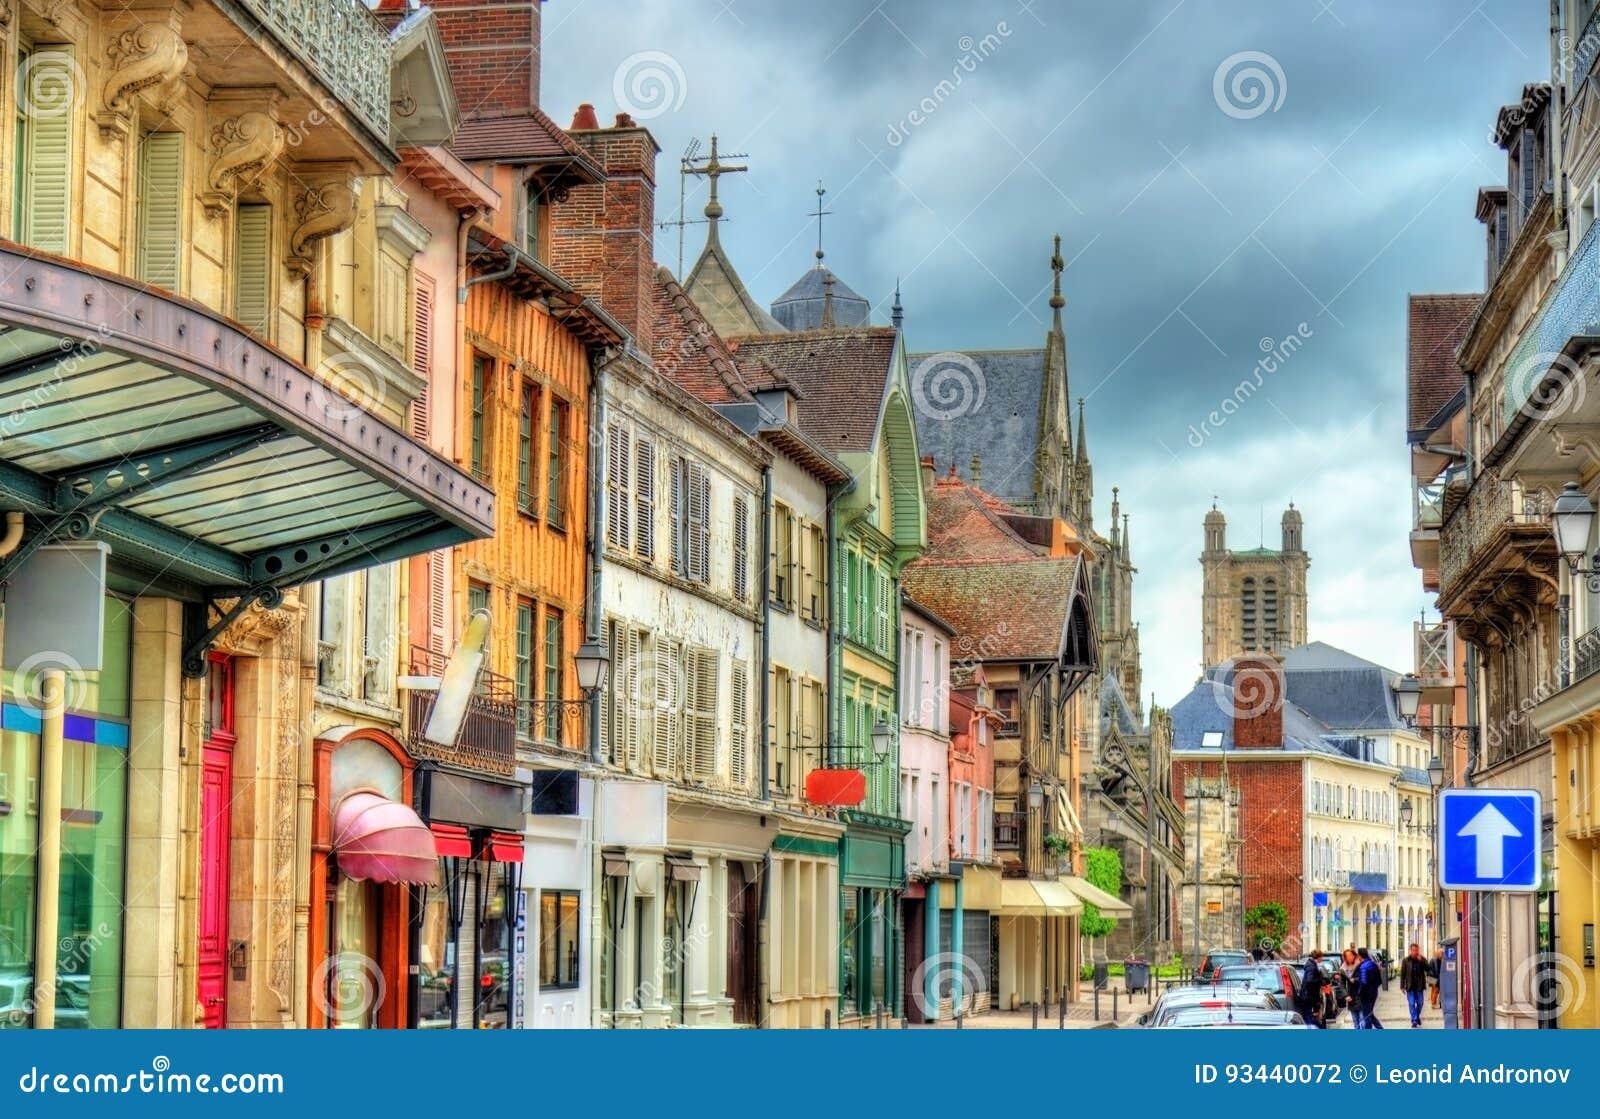 Case Tradizionali A Troyes, Francia Fotografia Stock - Immagine di ...